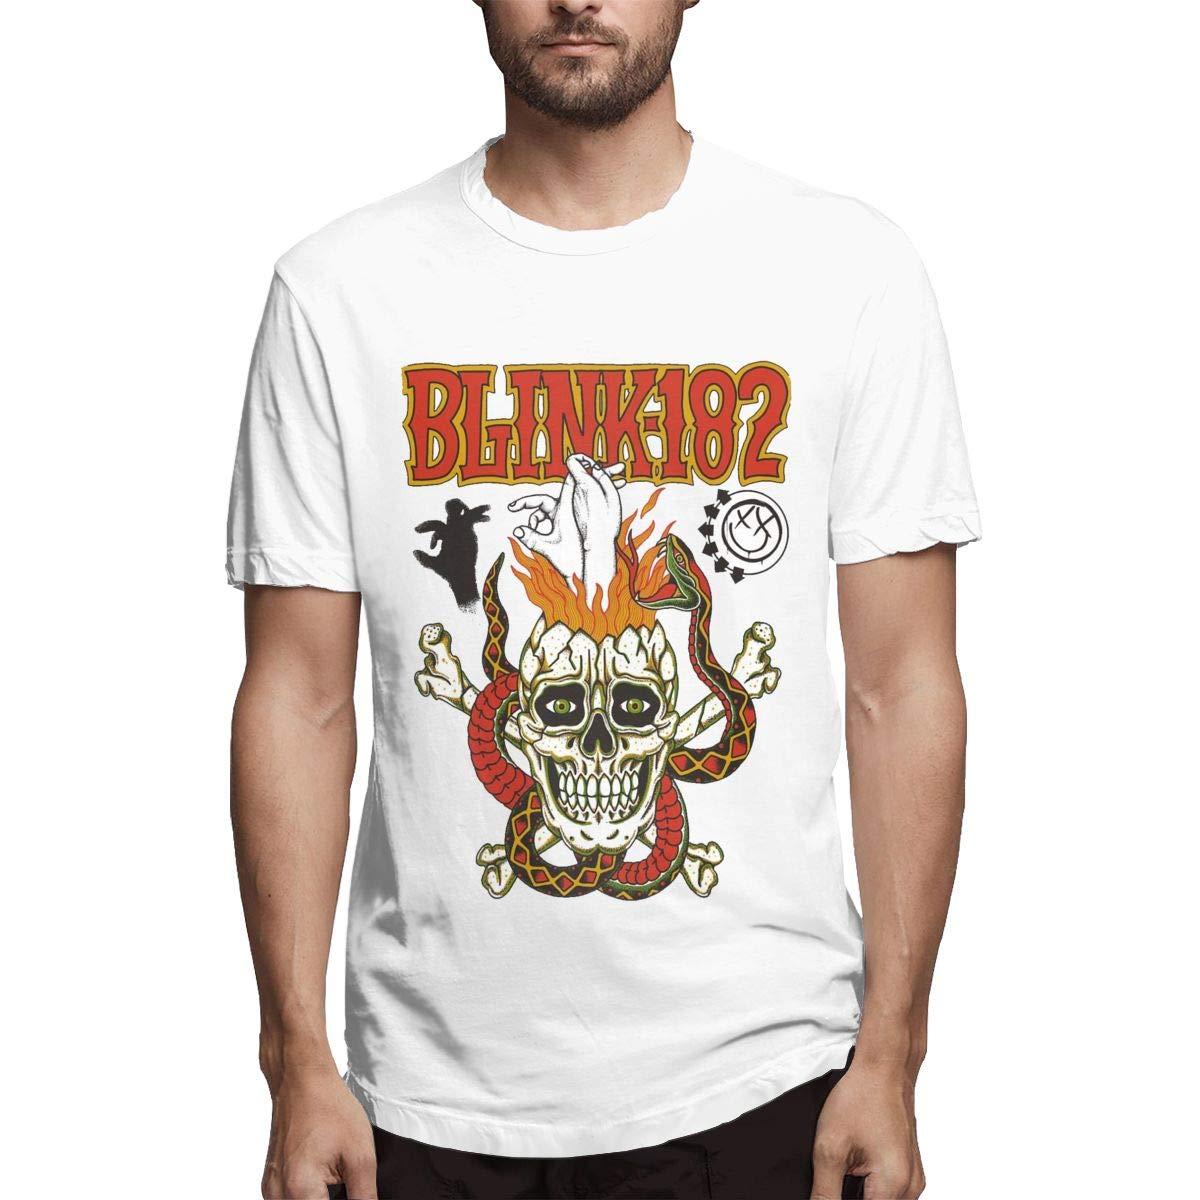 Lihehen Mans Blink 182 Fashion Leisure Round Neck Ts Shirts